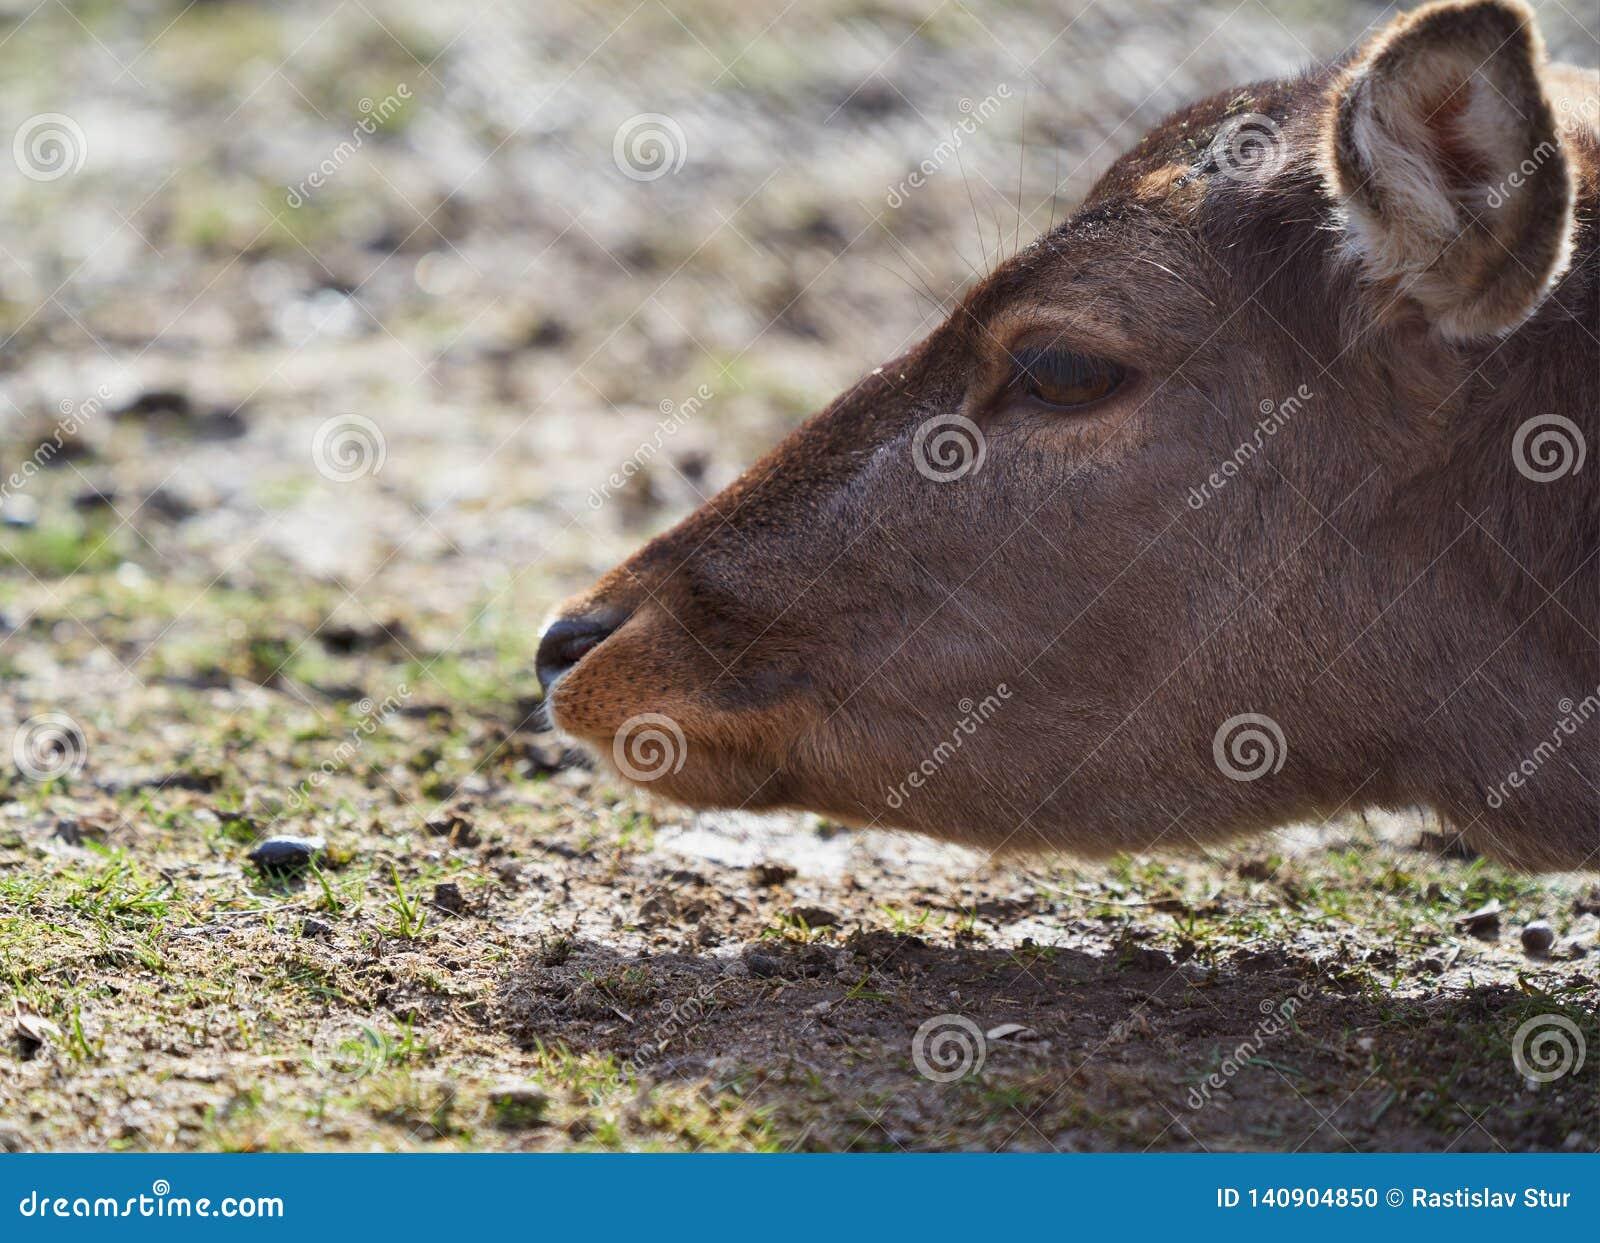 Deer head and shadow